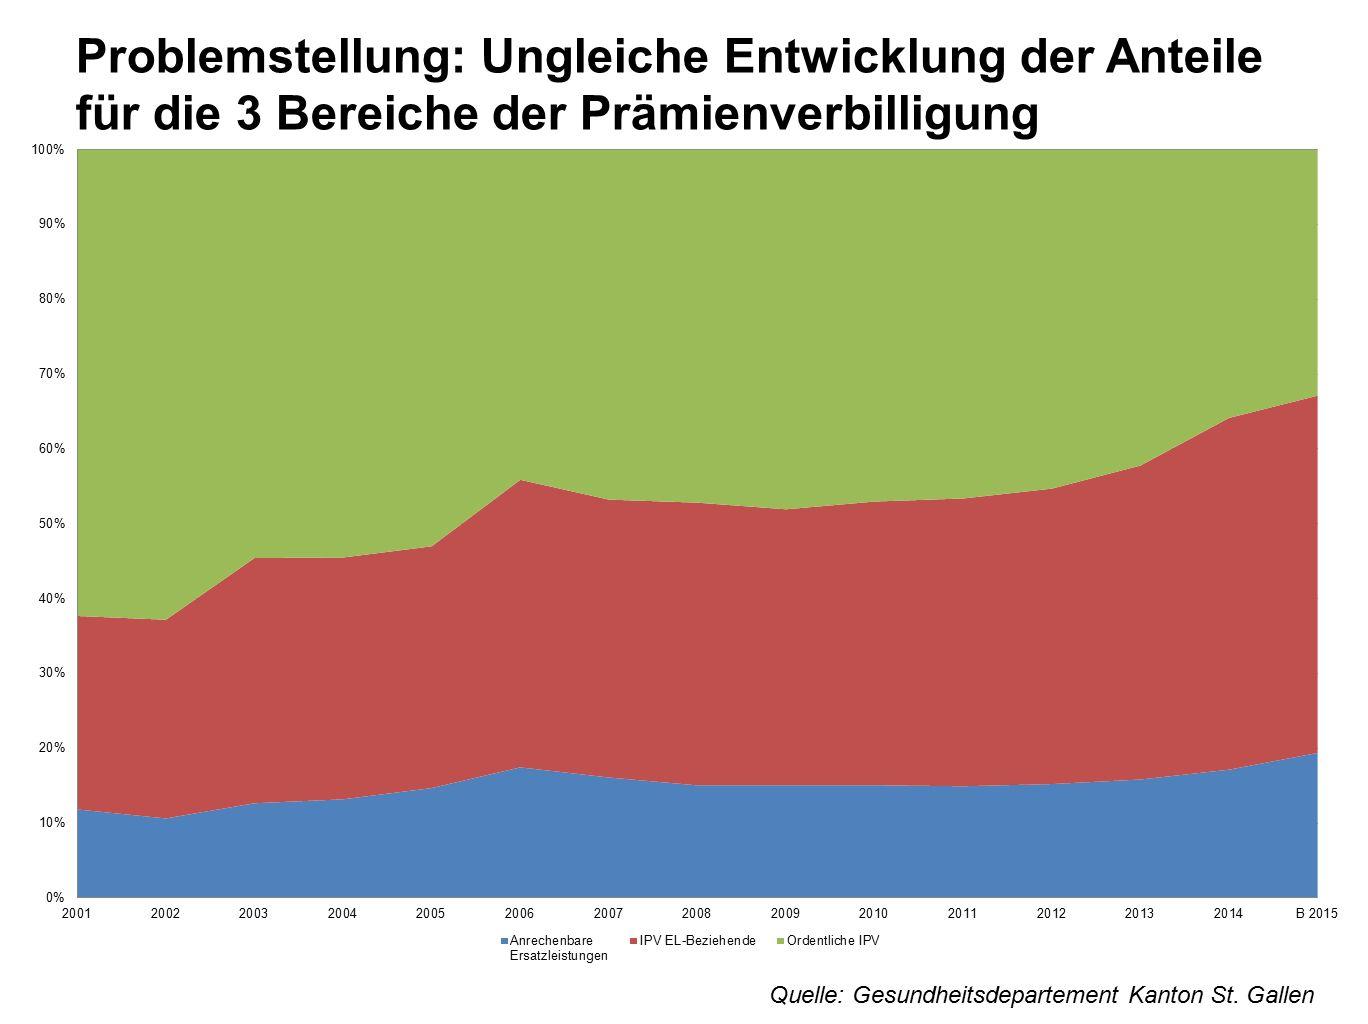 Problemstellung: Ungleiche Entwicklung der Anteile für die 3 Bereiche der Prämienverbilligung Quelle: Quelle: Gesundheitsdepartement Kanton St. Gallen